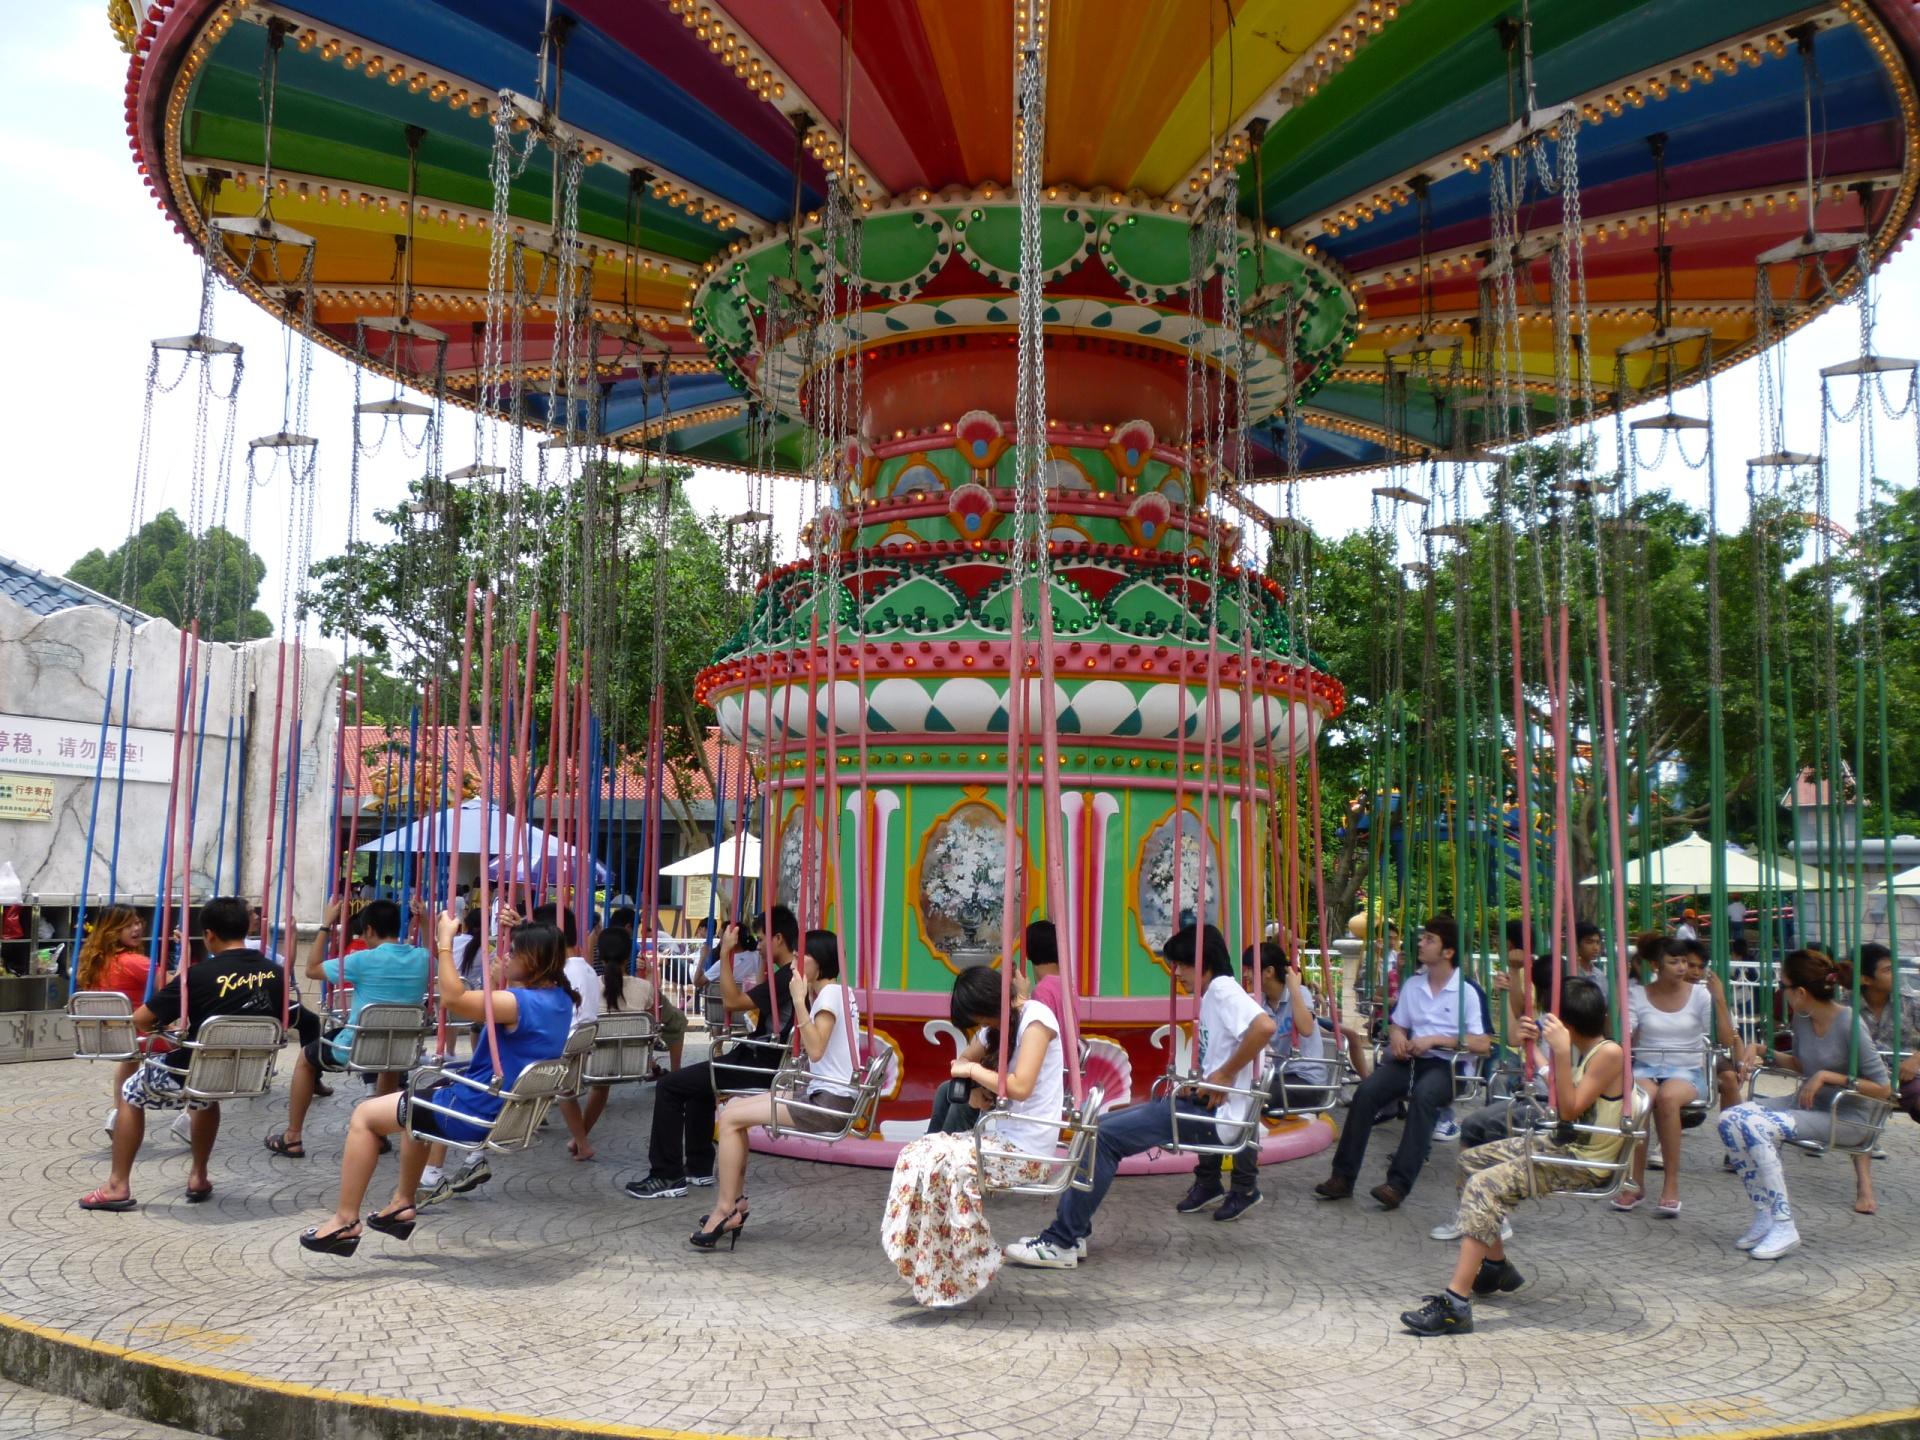 2020新品上市大型游乐设备飓风飞椅 郑州大洋升降摇头24座豪华飞椅示例图15